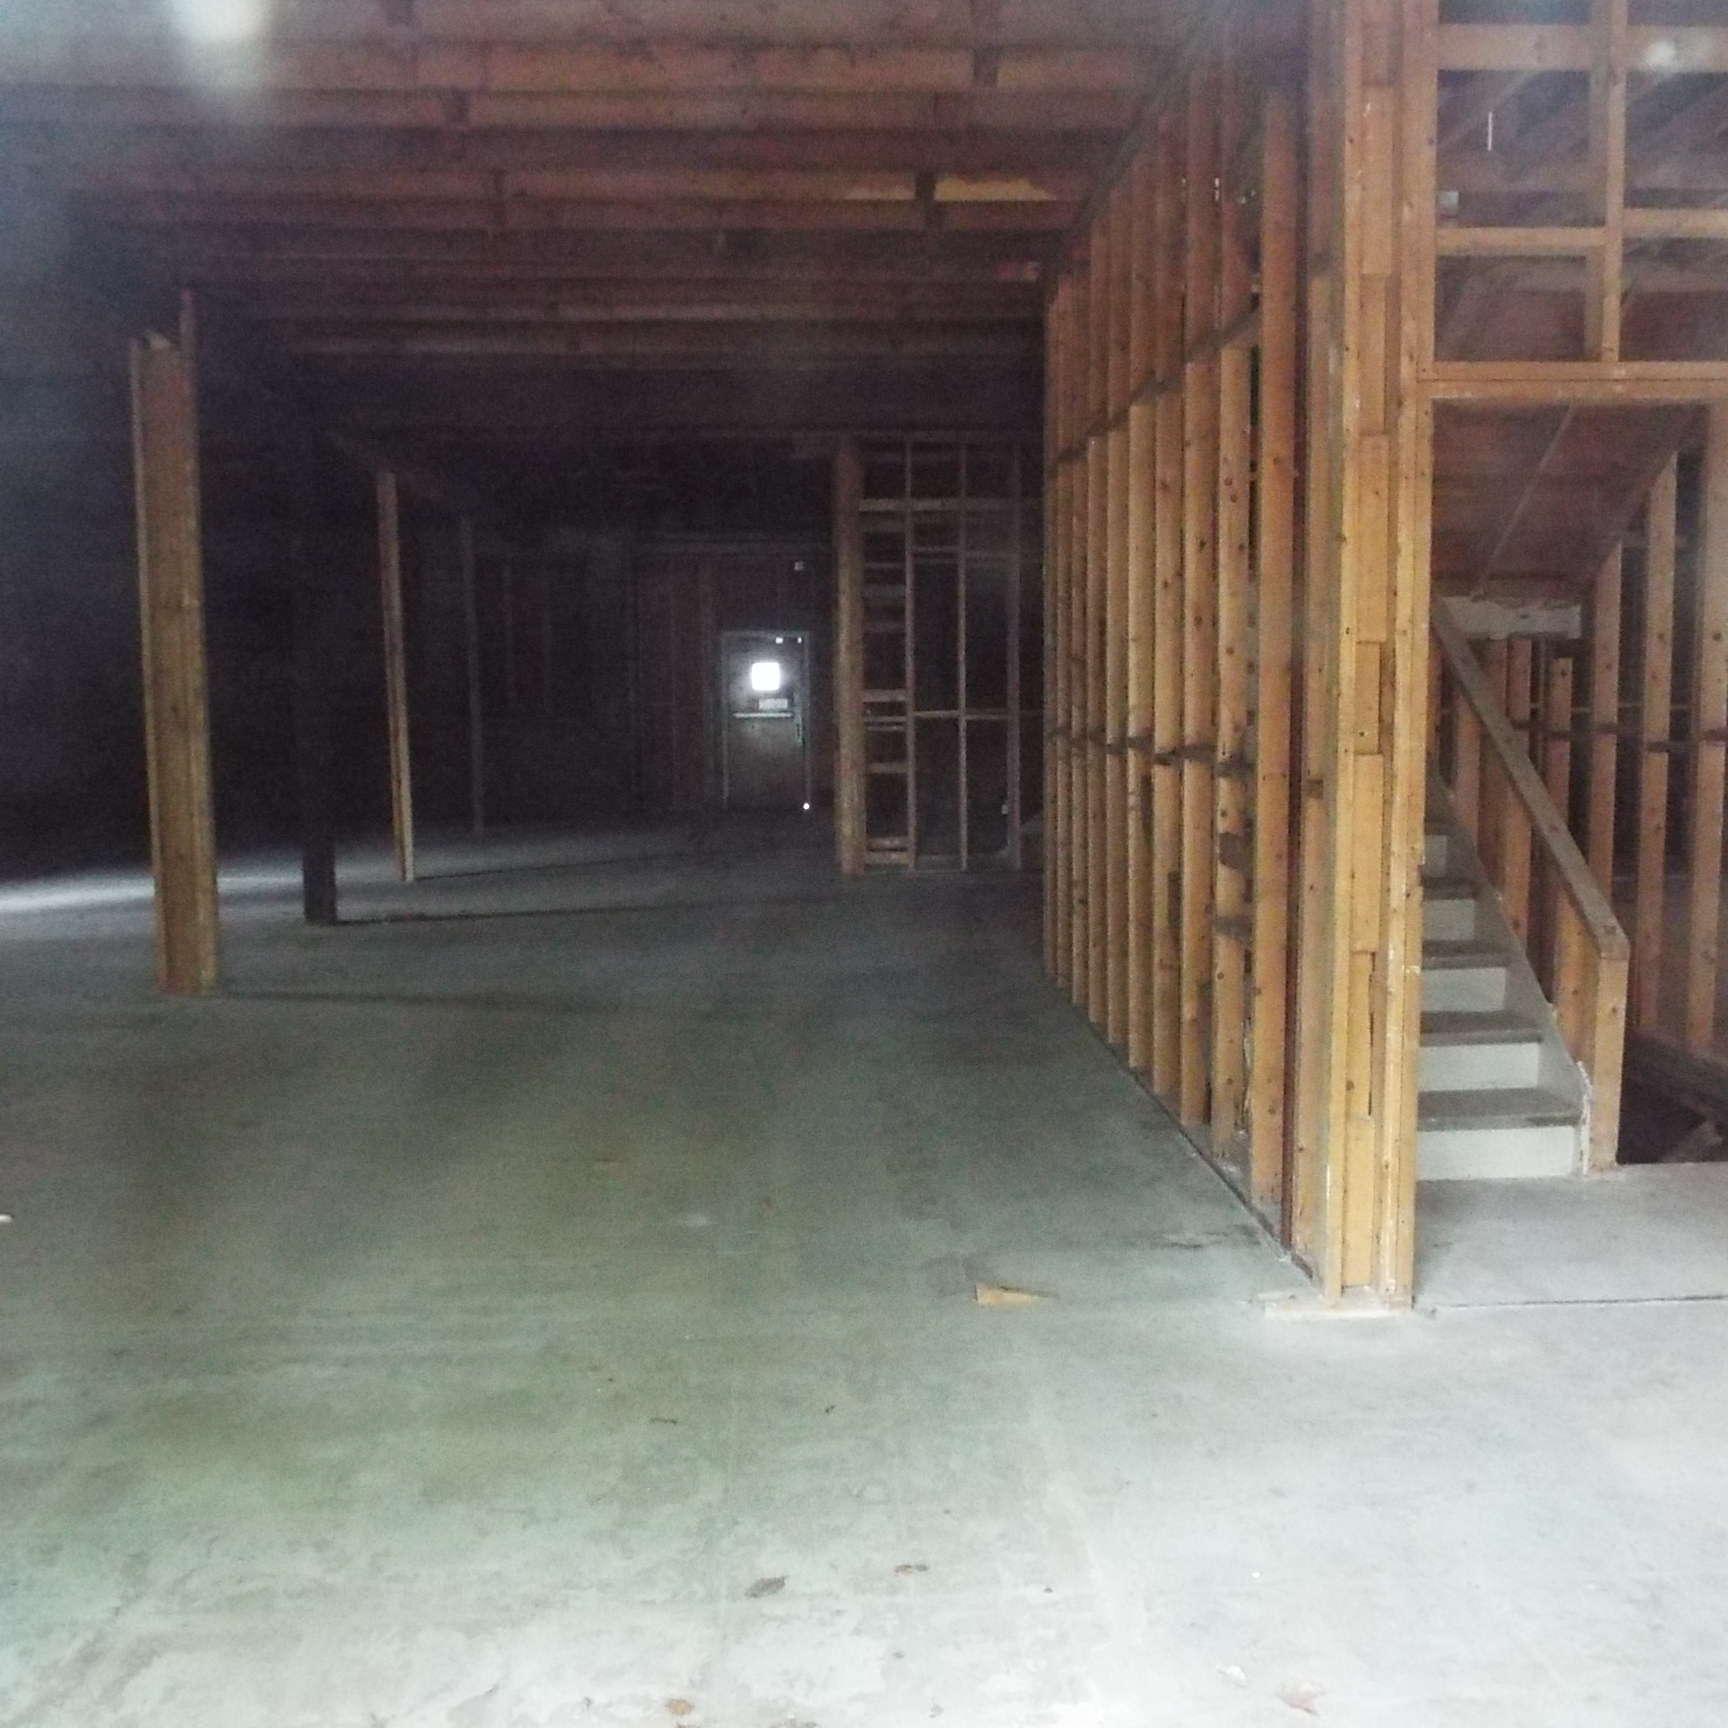 Annex Interior Before Photo.JPG